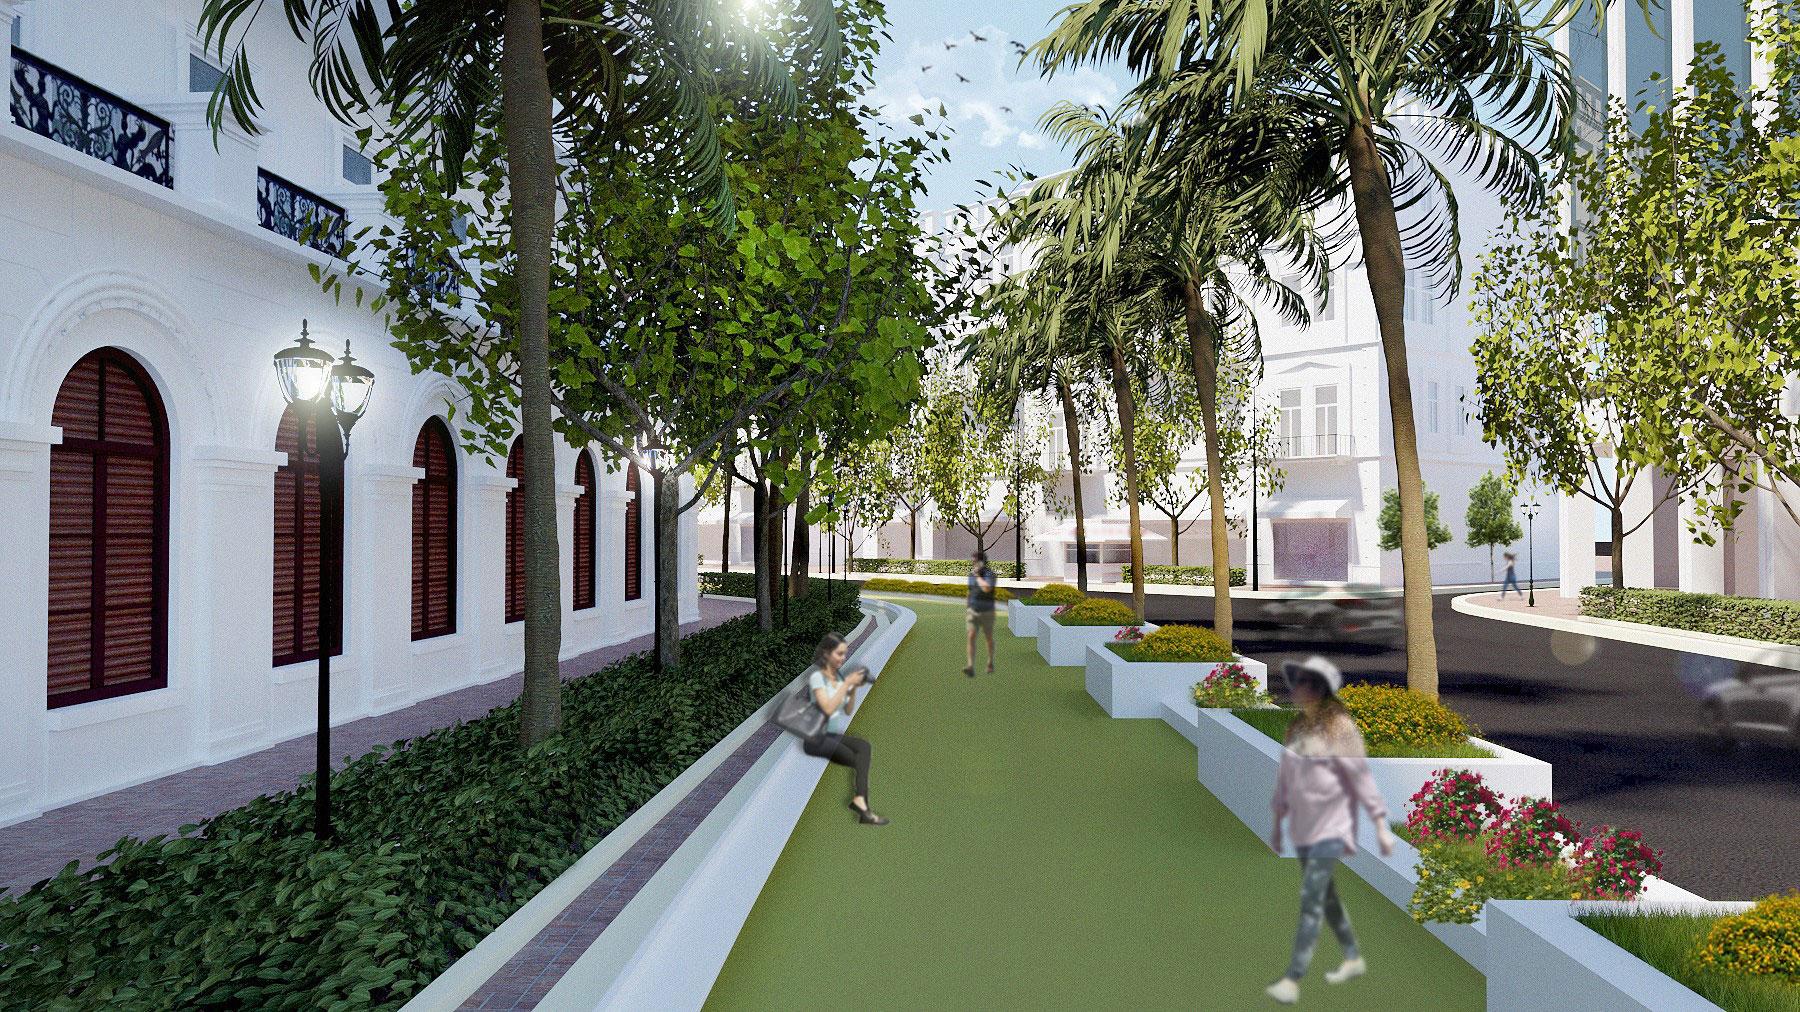 Atina yakında görünümünü değiştirecek: Yunanistan'ın başkentinin yeniden inşası için görkemli bir plan